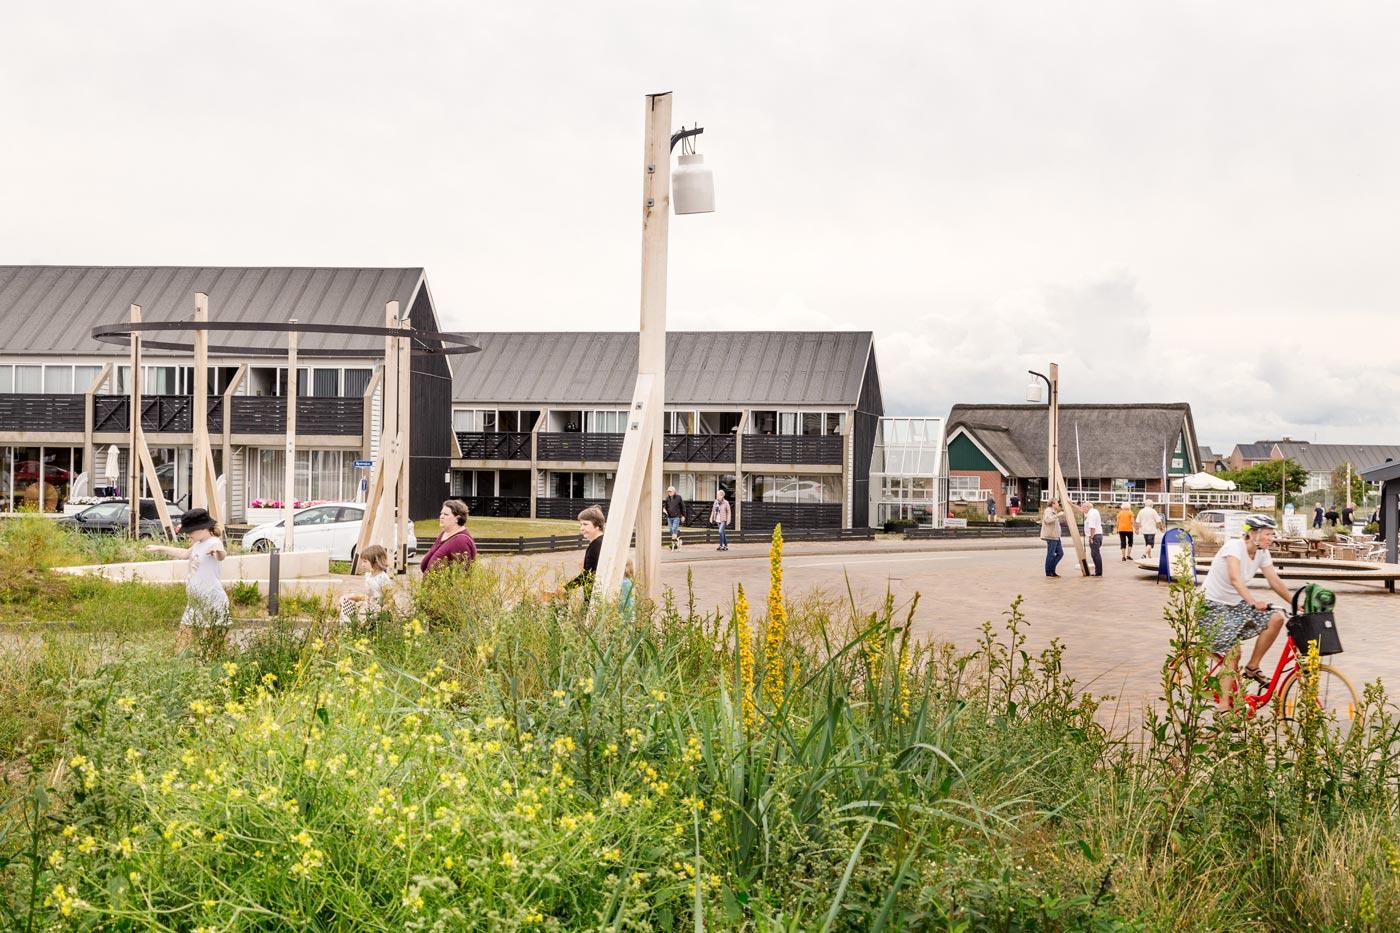 Fanø Bad offentlig plads teglbelægning borgere